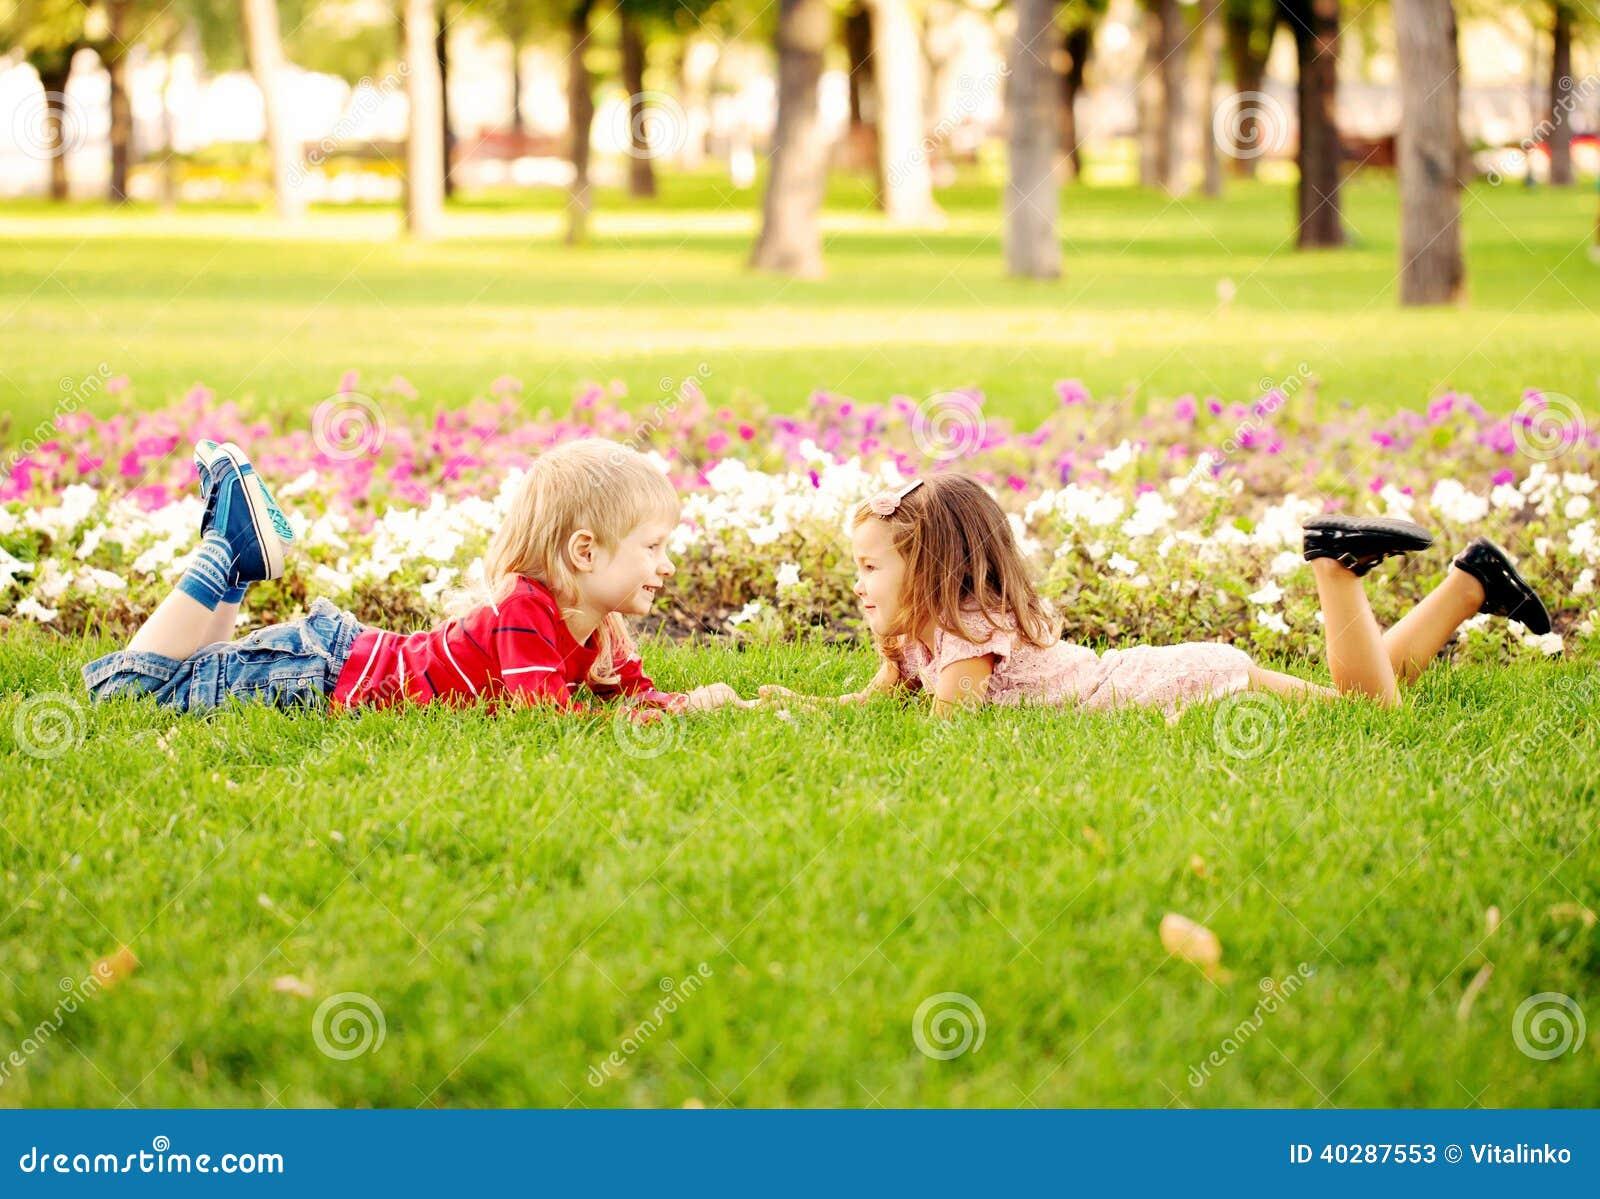 Счастье летних отпусков и детей.